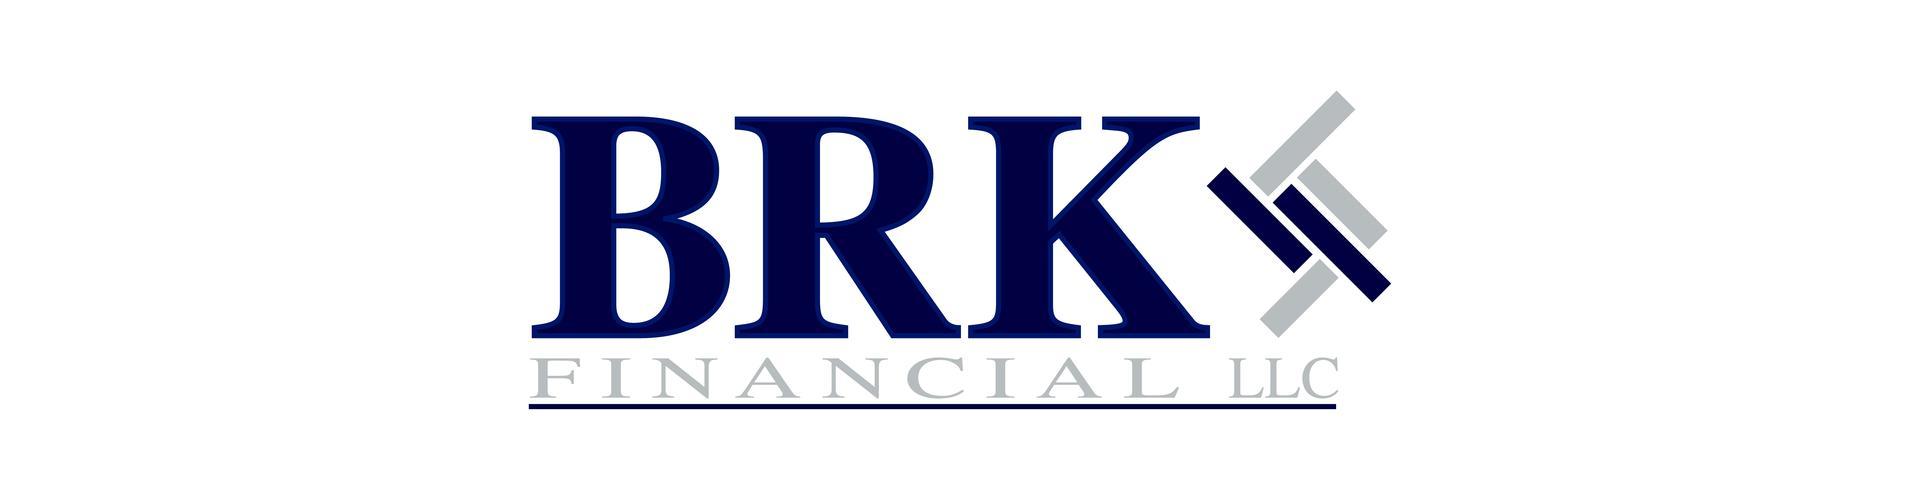 Brk Financial Llc